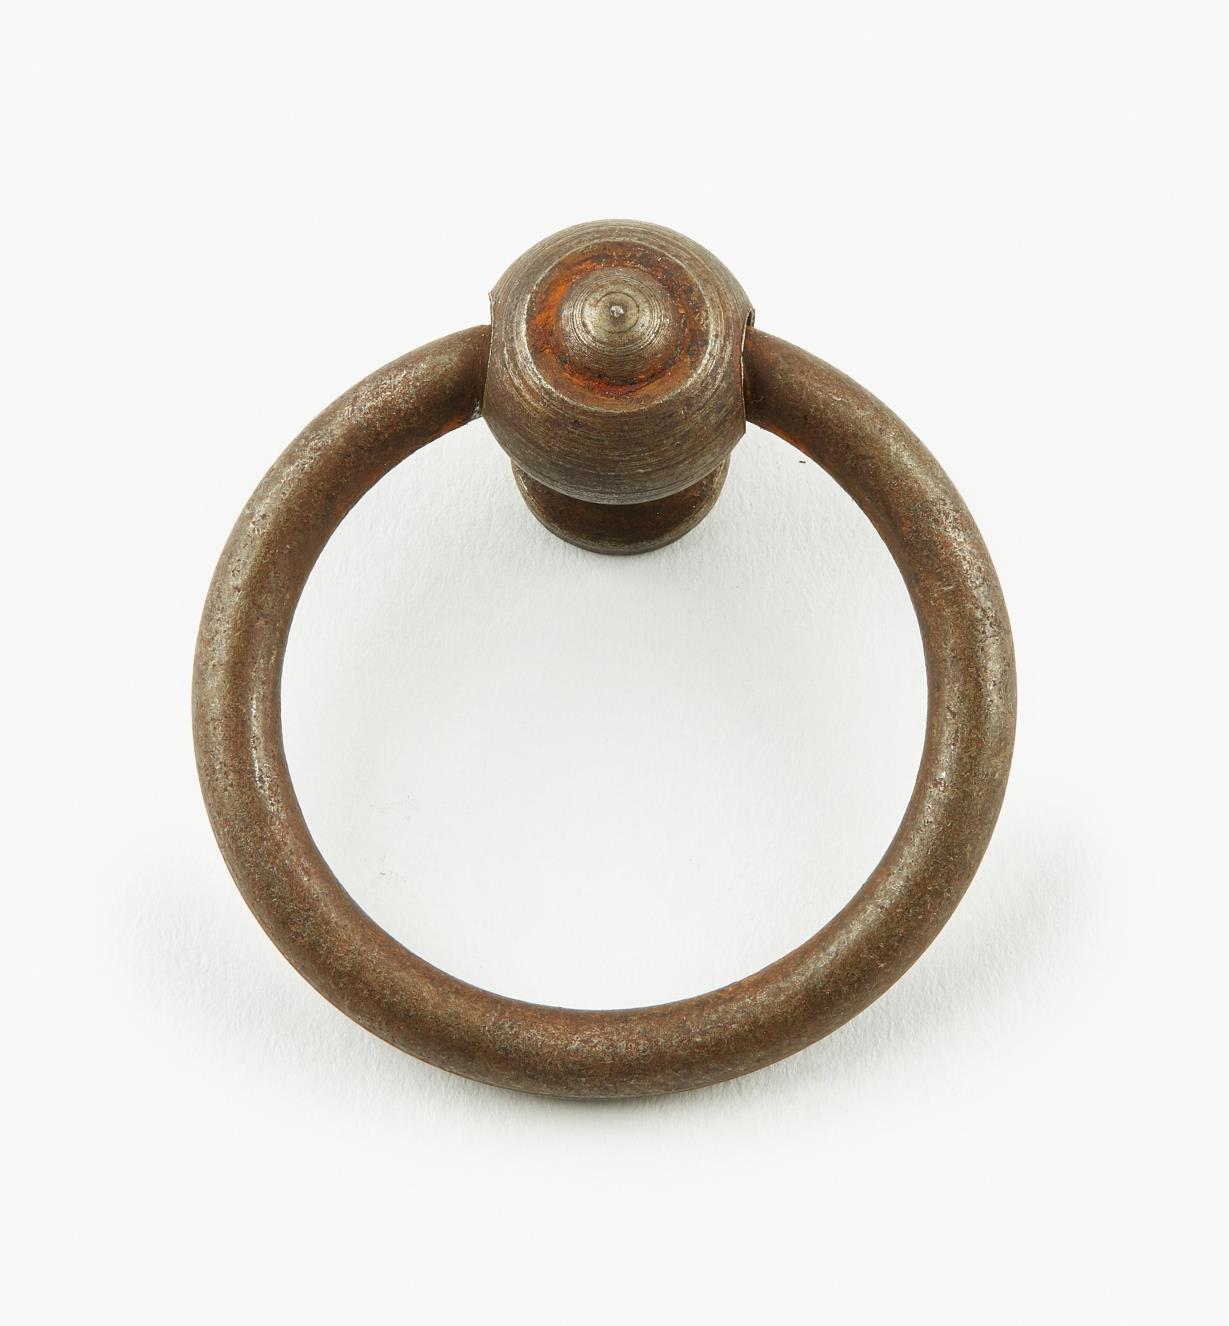 01A6011 - Poignée à anneau en fer, 40 mm